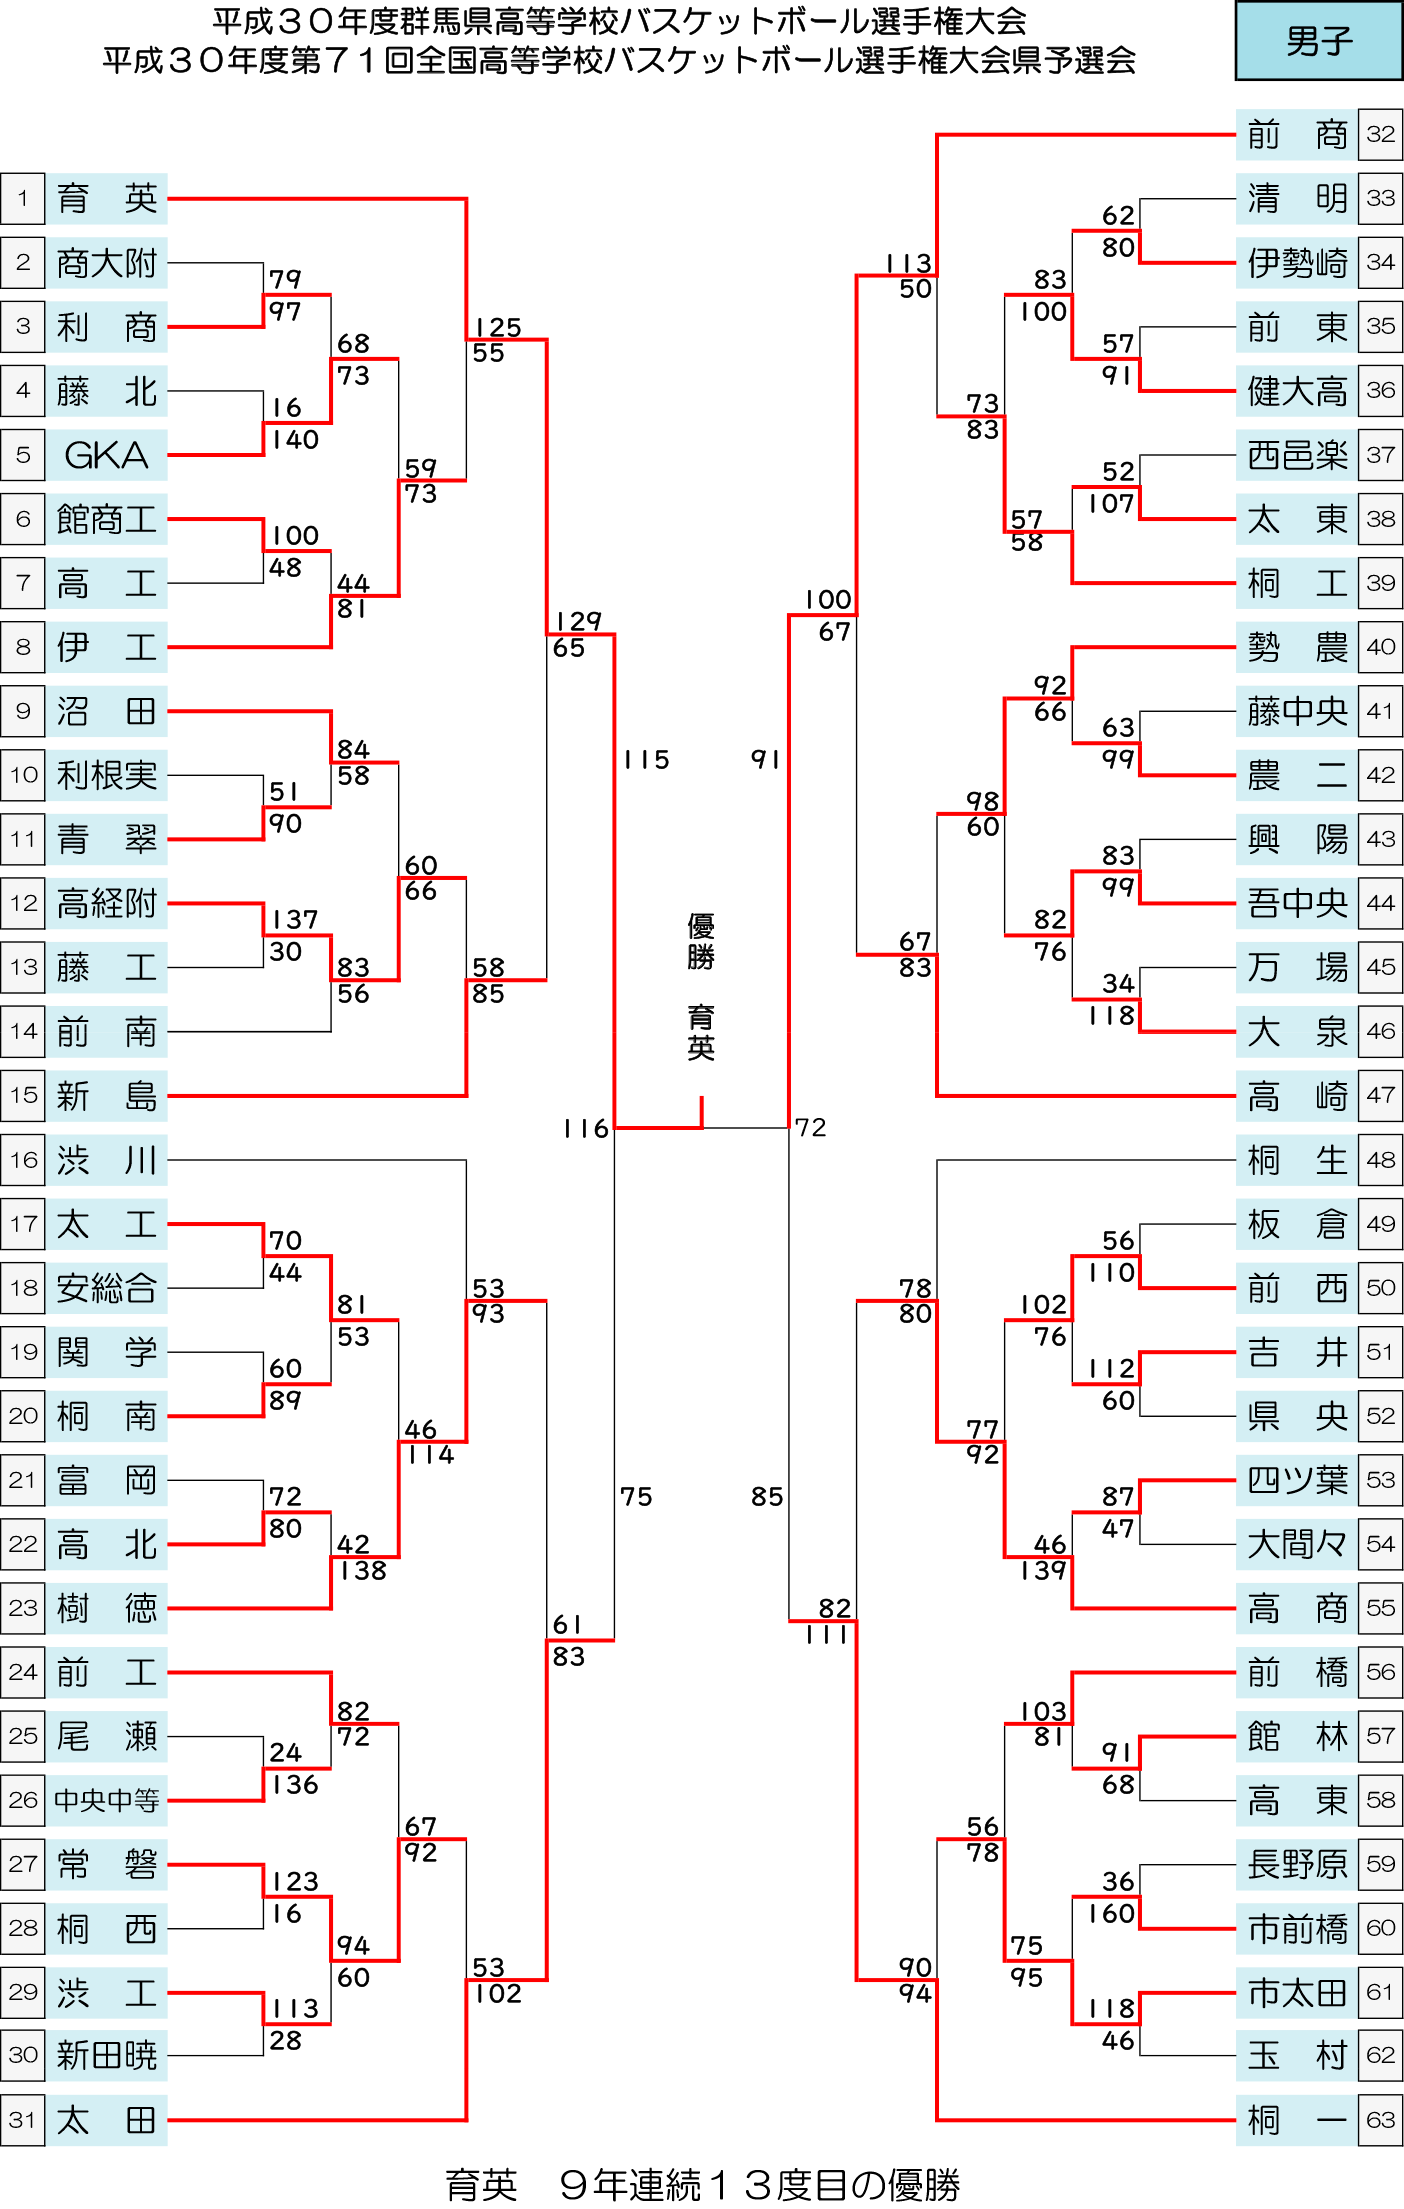 2018 ウインターカップ予選 - 大会結果 男子